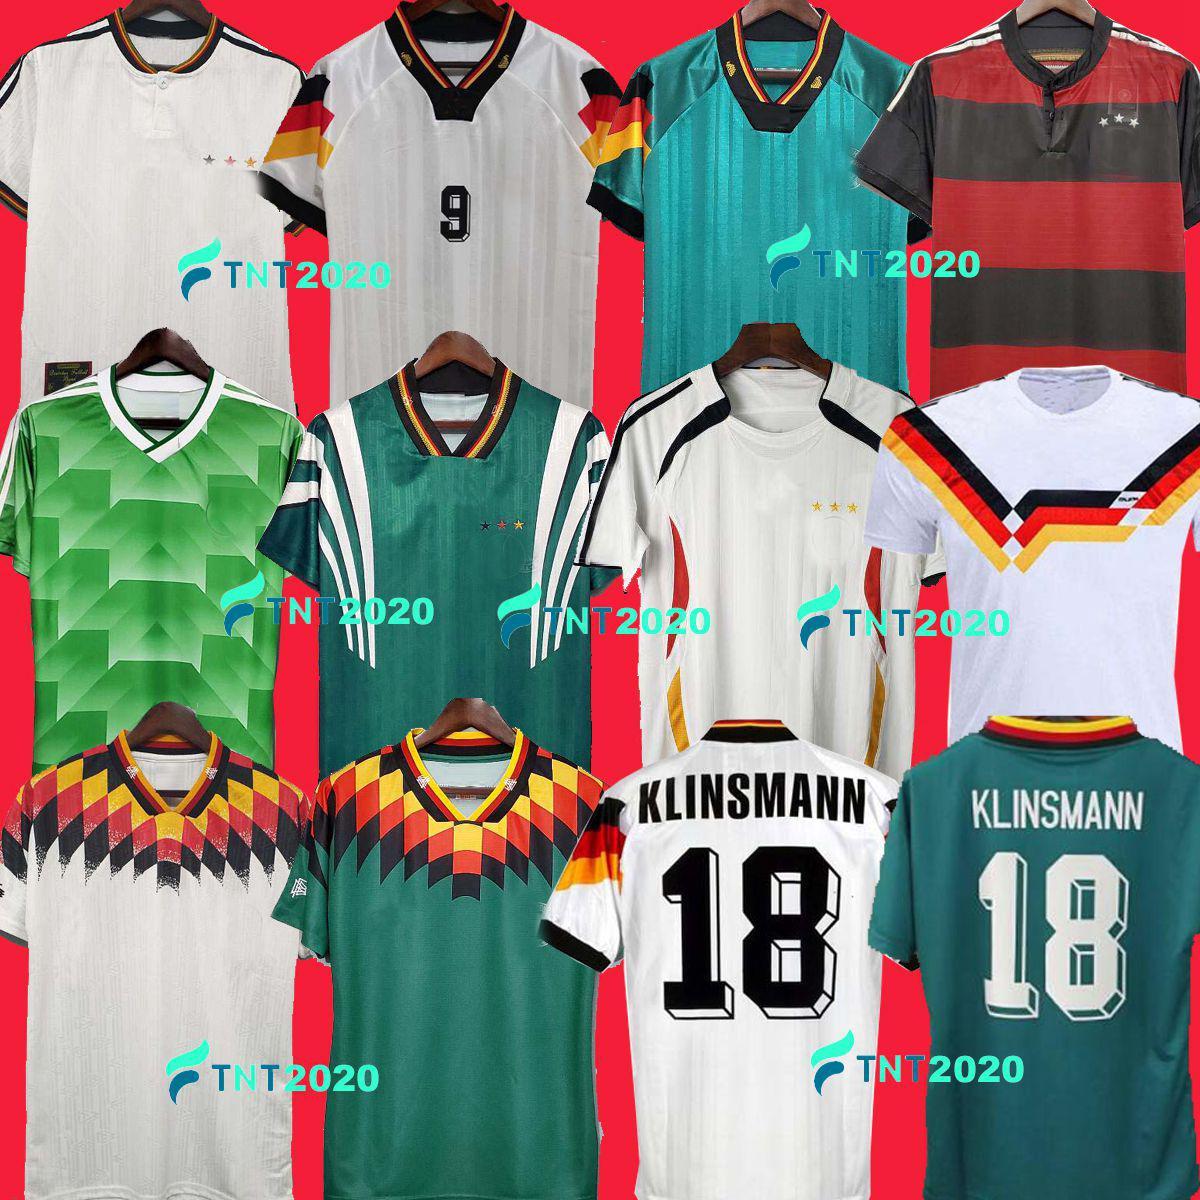 1990 1994 1988 ألمانيا الرجعية Littbarski Ballack Soccer Jersey Klinsmann Matthias 1998 2014 Kalkbrenner Football Shirts 1996 2004 Klose Möller